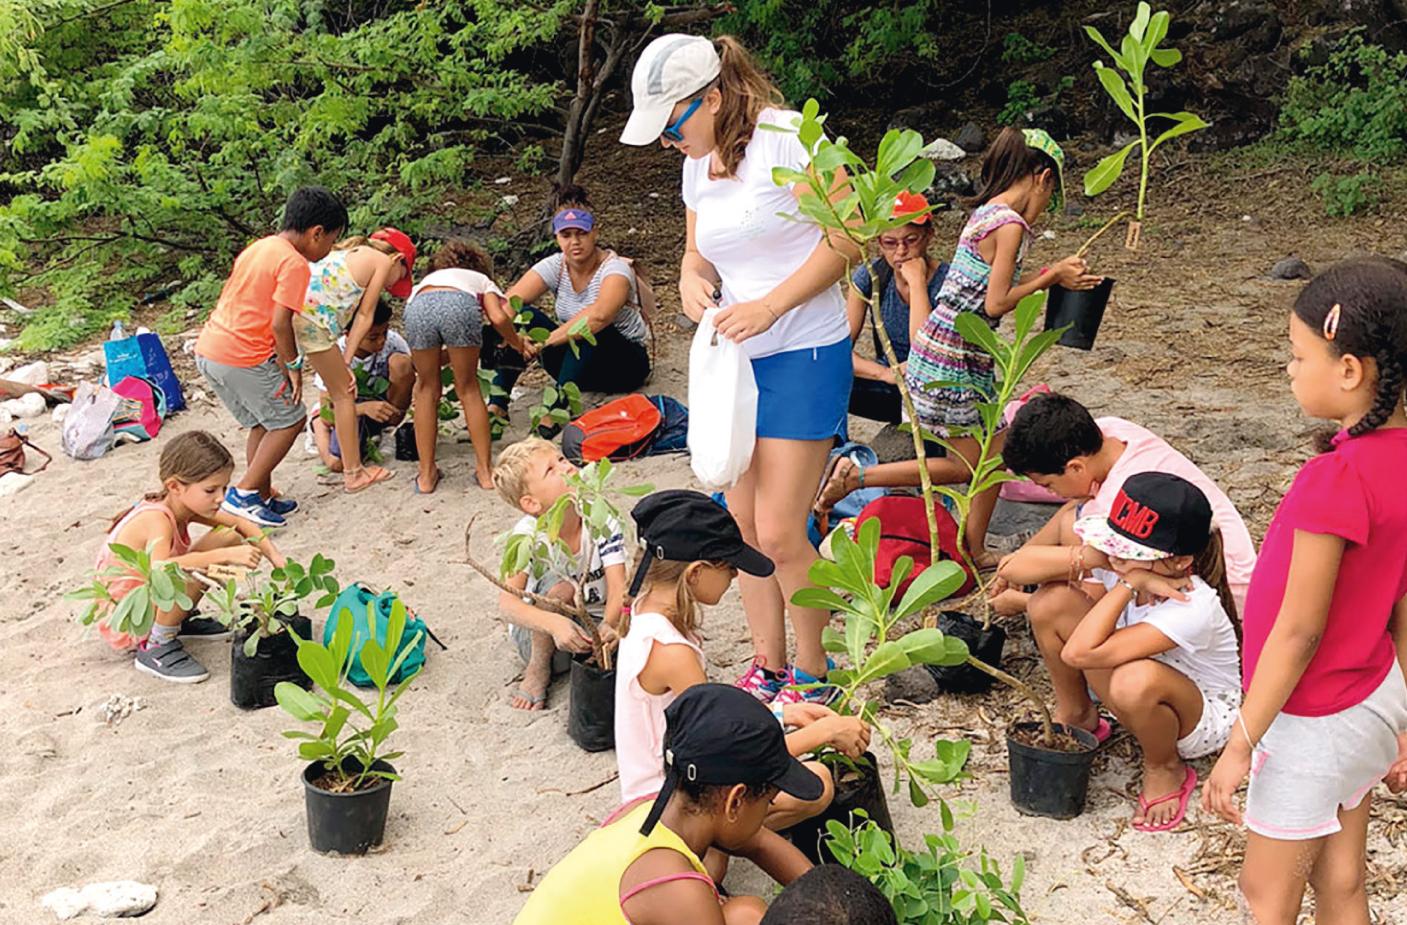 Ateliers de plantation sur les plages de pontes de tortues marines